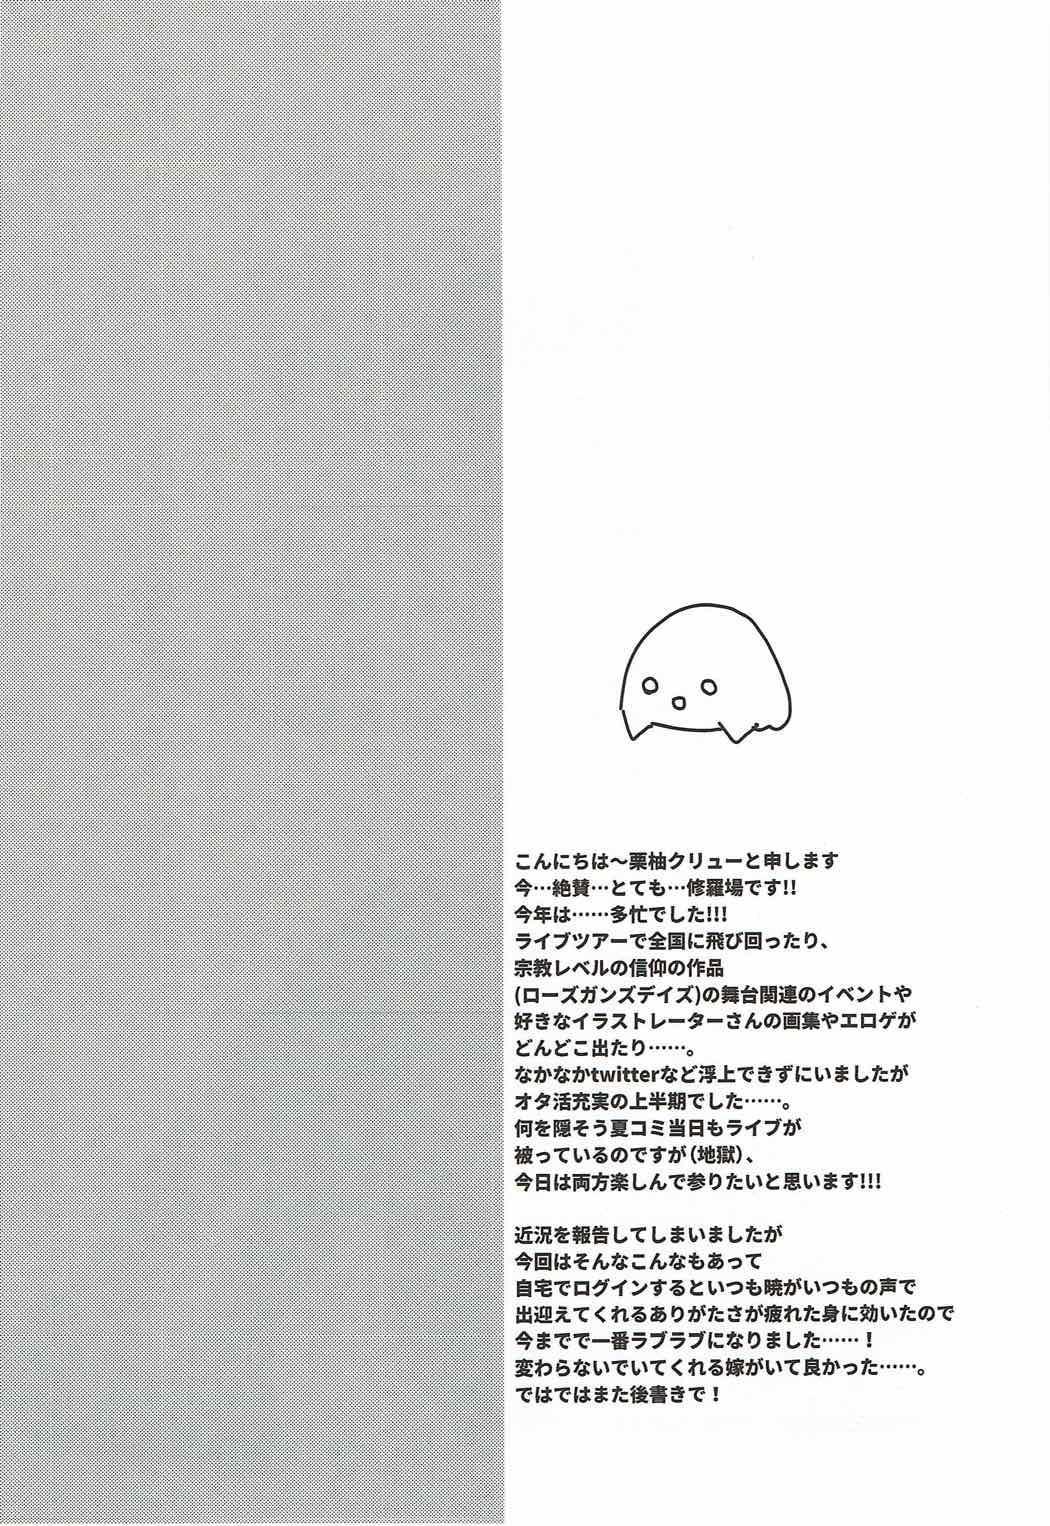 Akatsuki no Oyome-san Challenge 2